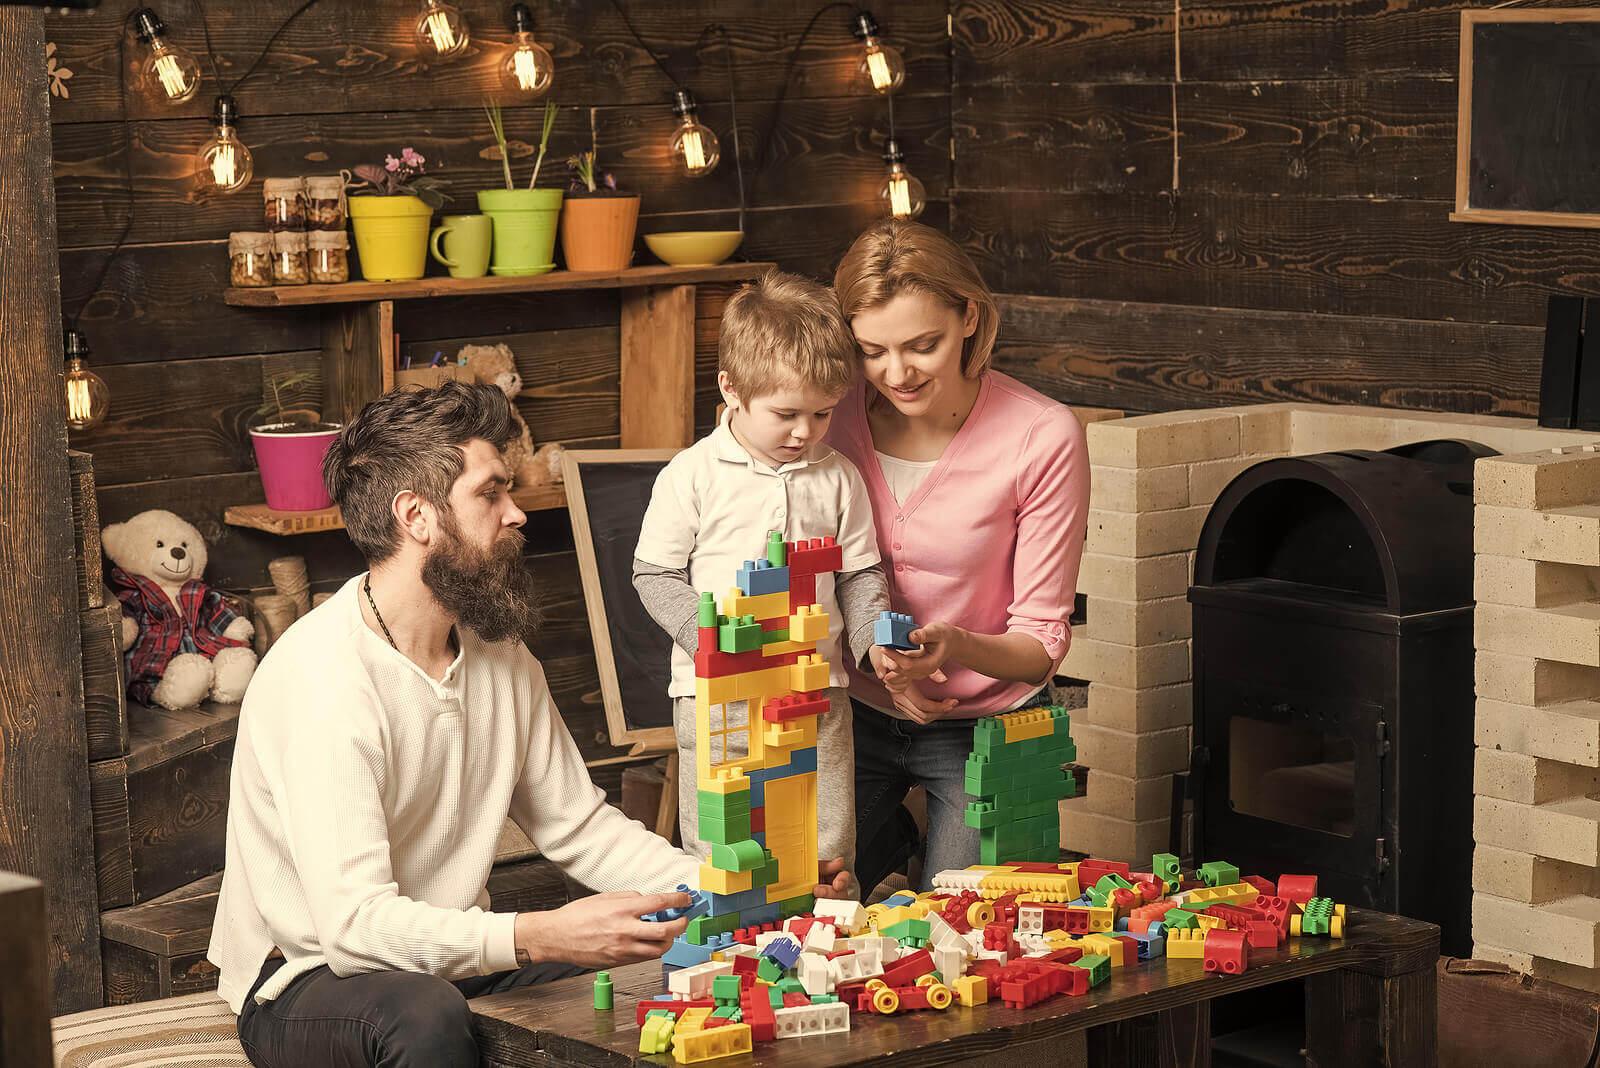 evde lego ile oynayan bir aile